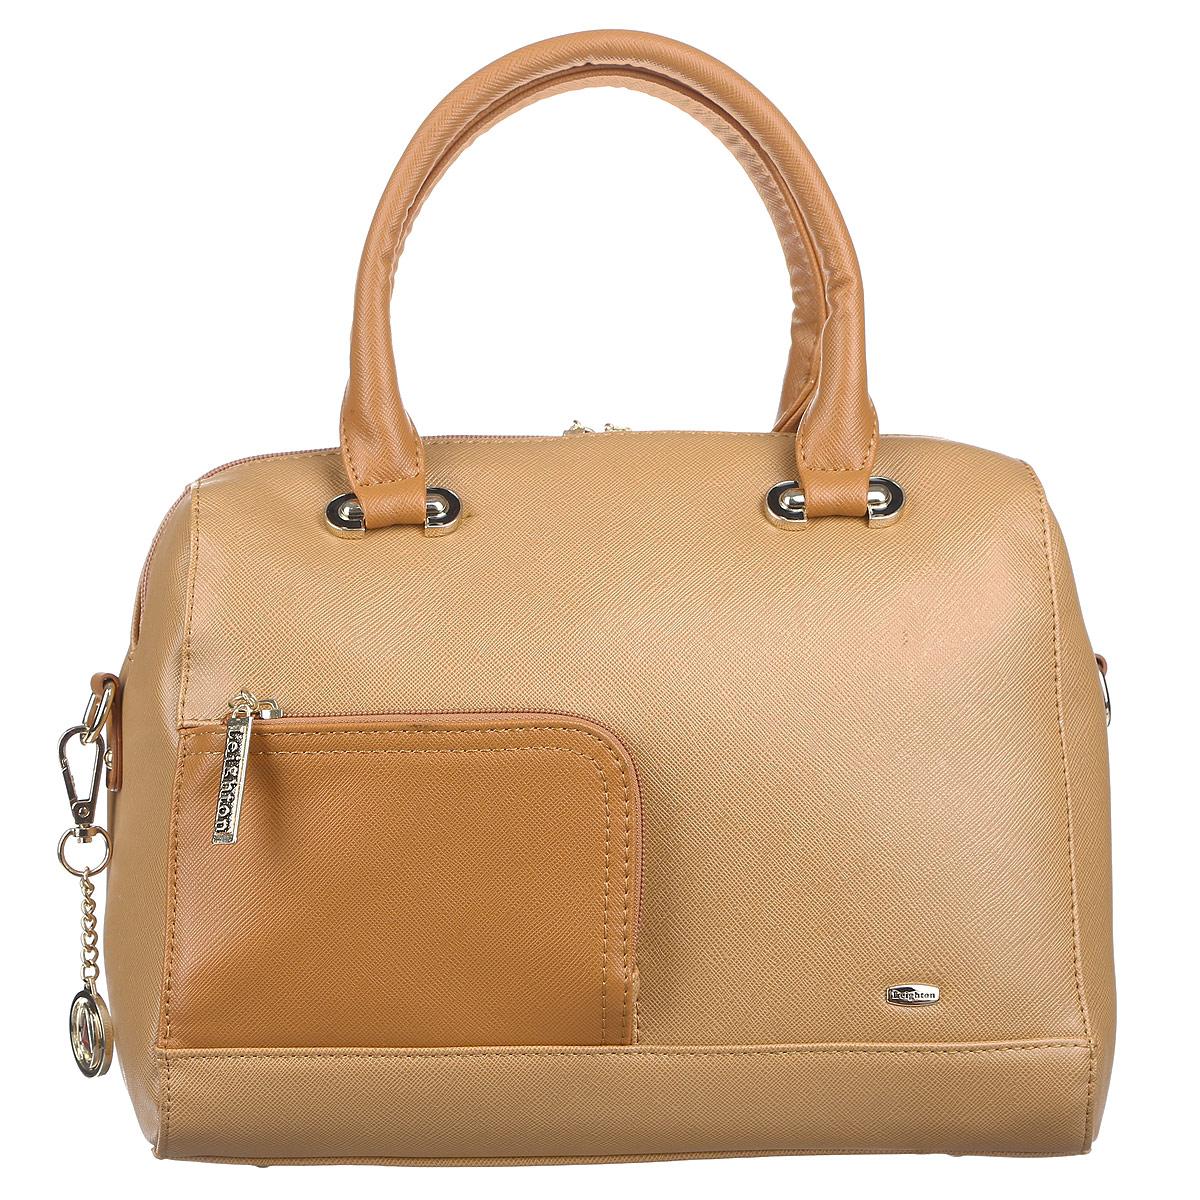 Сумка женская Leighton, цвет: бежевый. 82653-1186/907/80682653-1186/907/806Оригинальная женская сумка Leighton выполнена из высококачественной искусственной кожи. Сумка имеет одно большое отделение и закрывается на застежку-молнию с двумя бегунками. Внутри вшитый карман на молнии, накладной карман на застежке-молнии, два накладных кармана для мелочей и мобильного телефона. На внешней стороне сумки расположены два дополнительных кармана на застежке-молнии. Сумка украшена брелоком в виде логотипа фирмы. Сумка оснащена двумя удобными ручками, съемным плечевым регулируемым ремнем и жестким основанием с четырьмя небольшими ножками. Классическое цветовое сочетание, стильный декор и модный дизайн сумочки Leighton - прекрасное дополнение к гардеробу модницы.